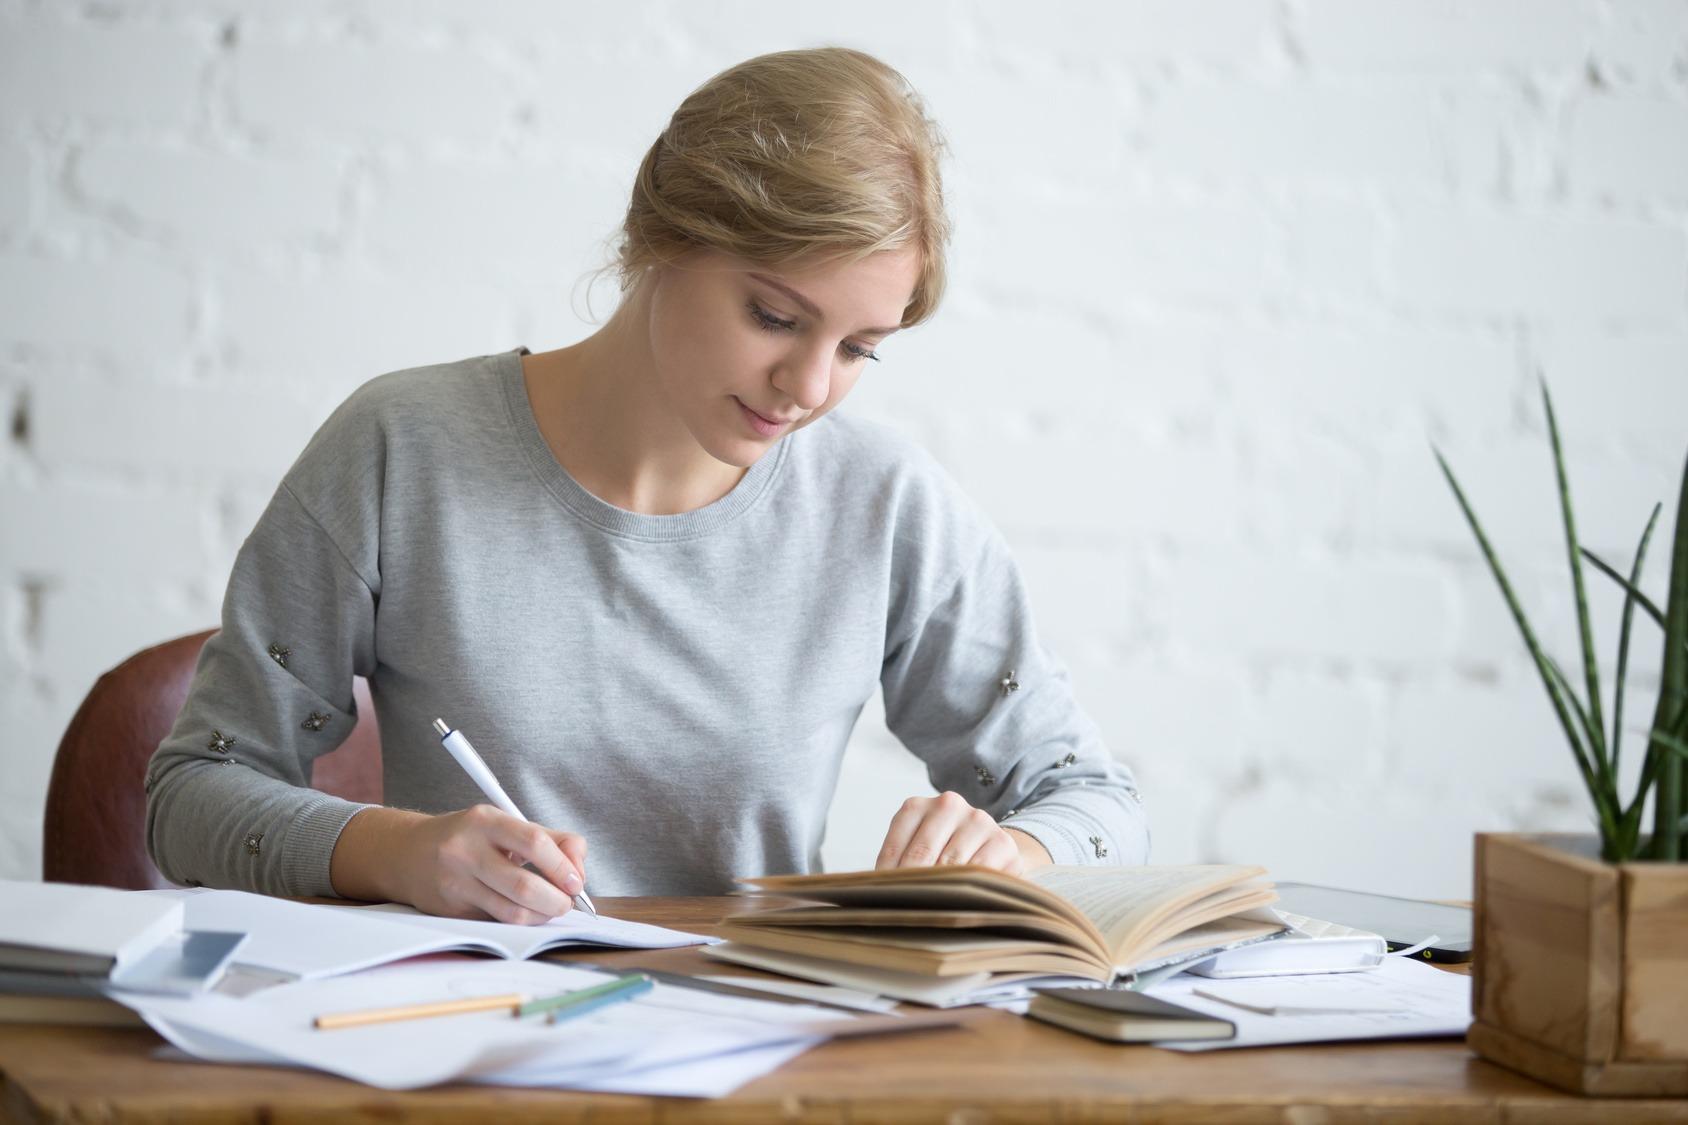 Eine junge Studentin beim Lernen an ihrem Schreibtisch. Sie schreibt, während sie in einem offenen Buch liest.